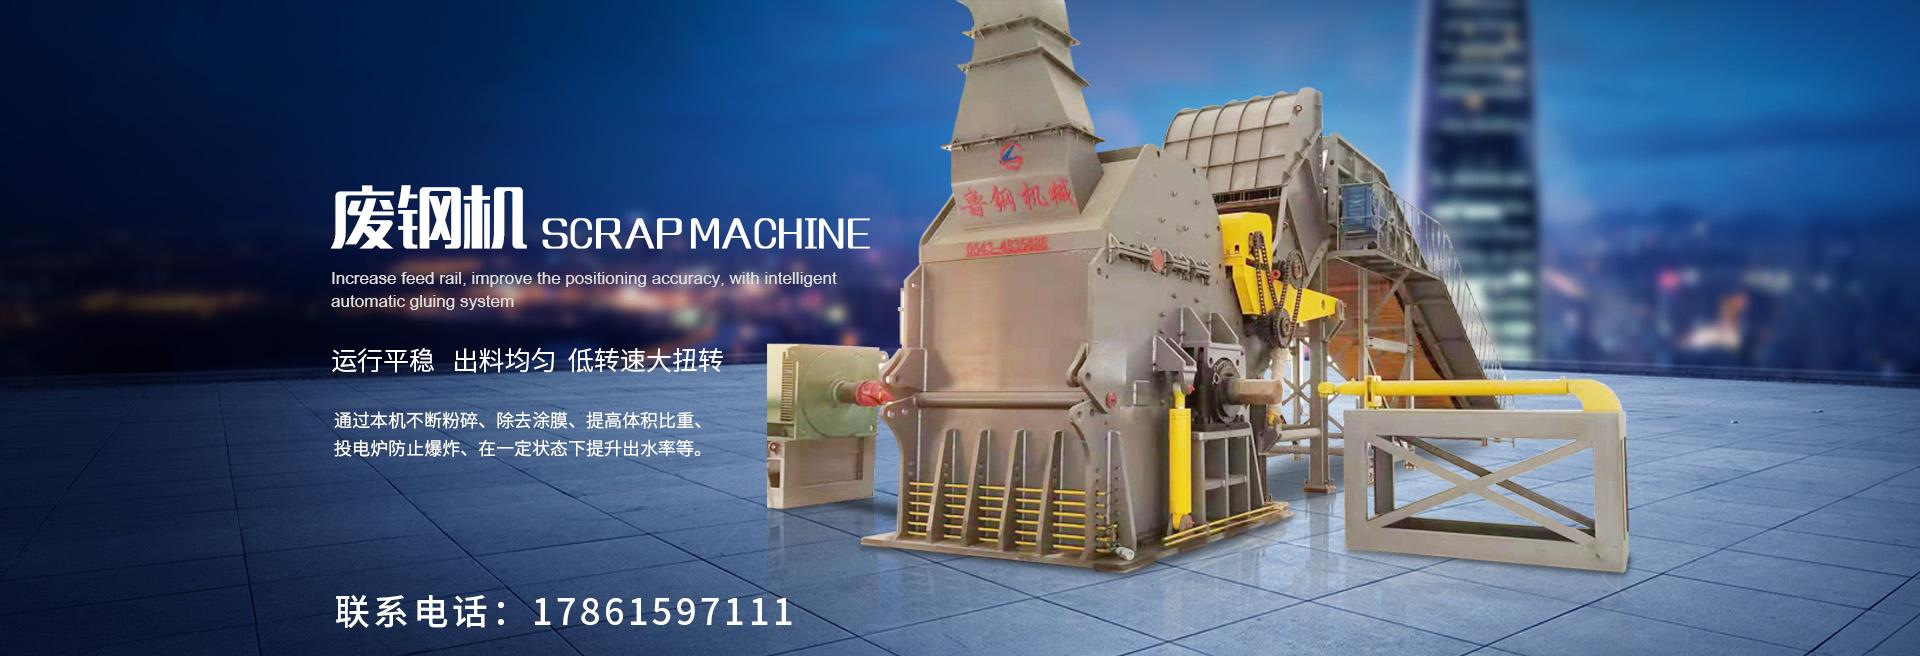 Scrap machine